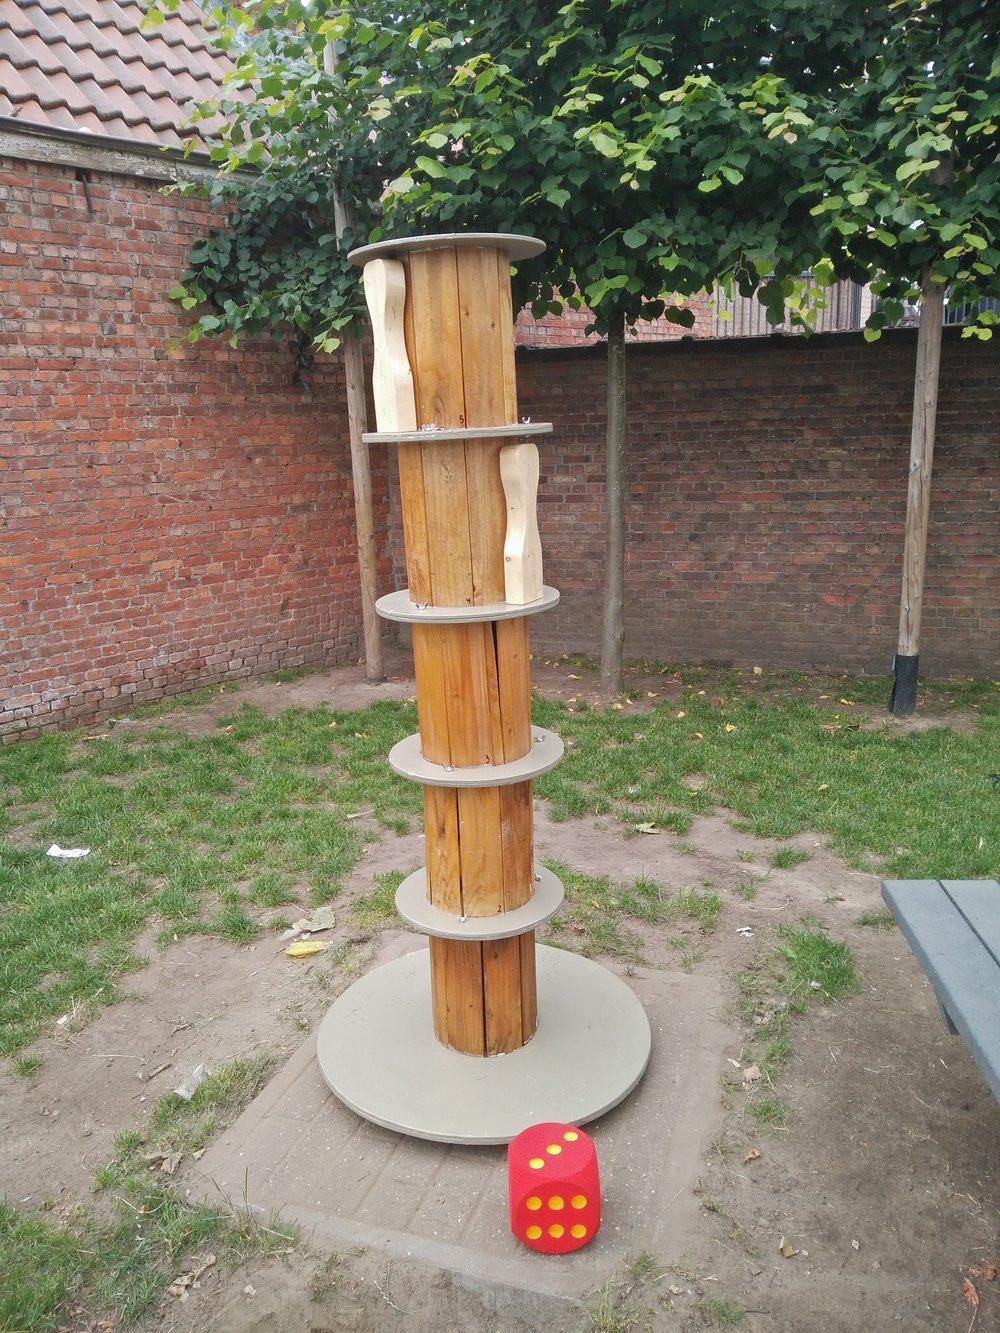 Toren van Pisa feest huren antwerpen schoten brasschaat schilde wommelgem beveren